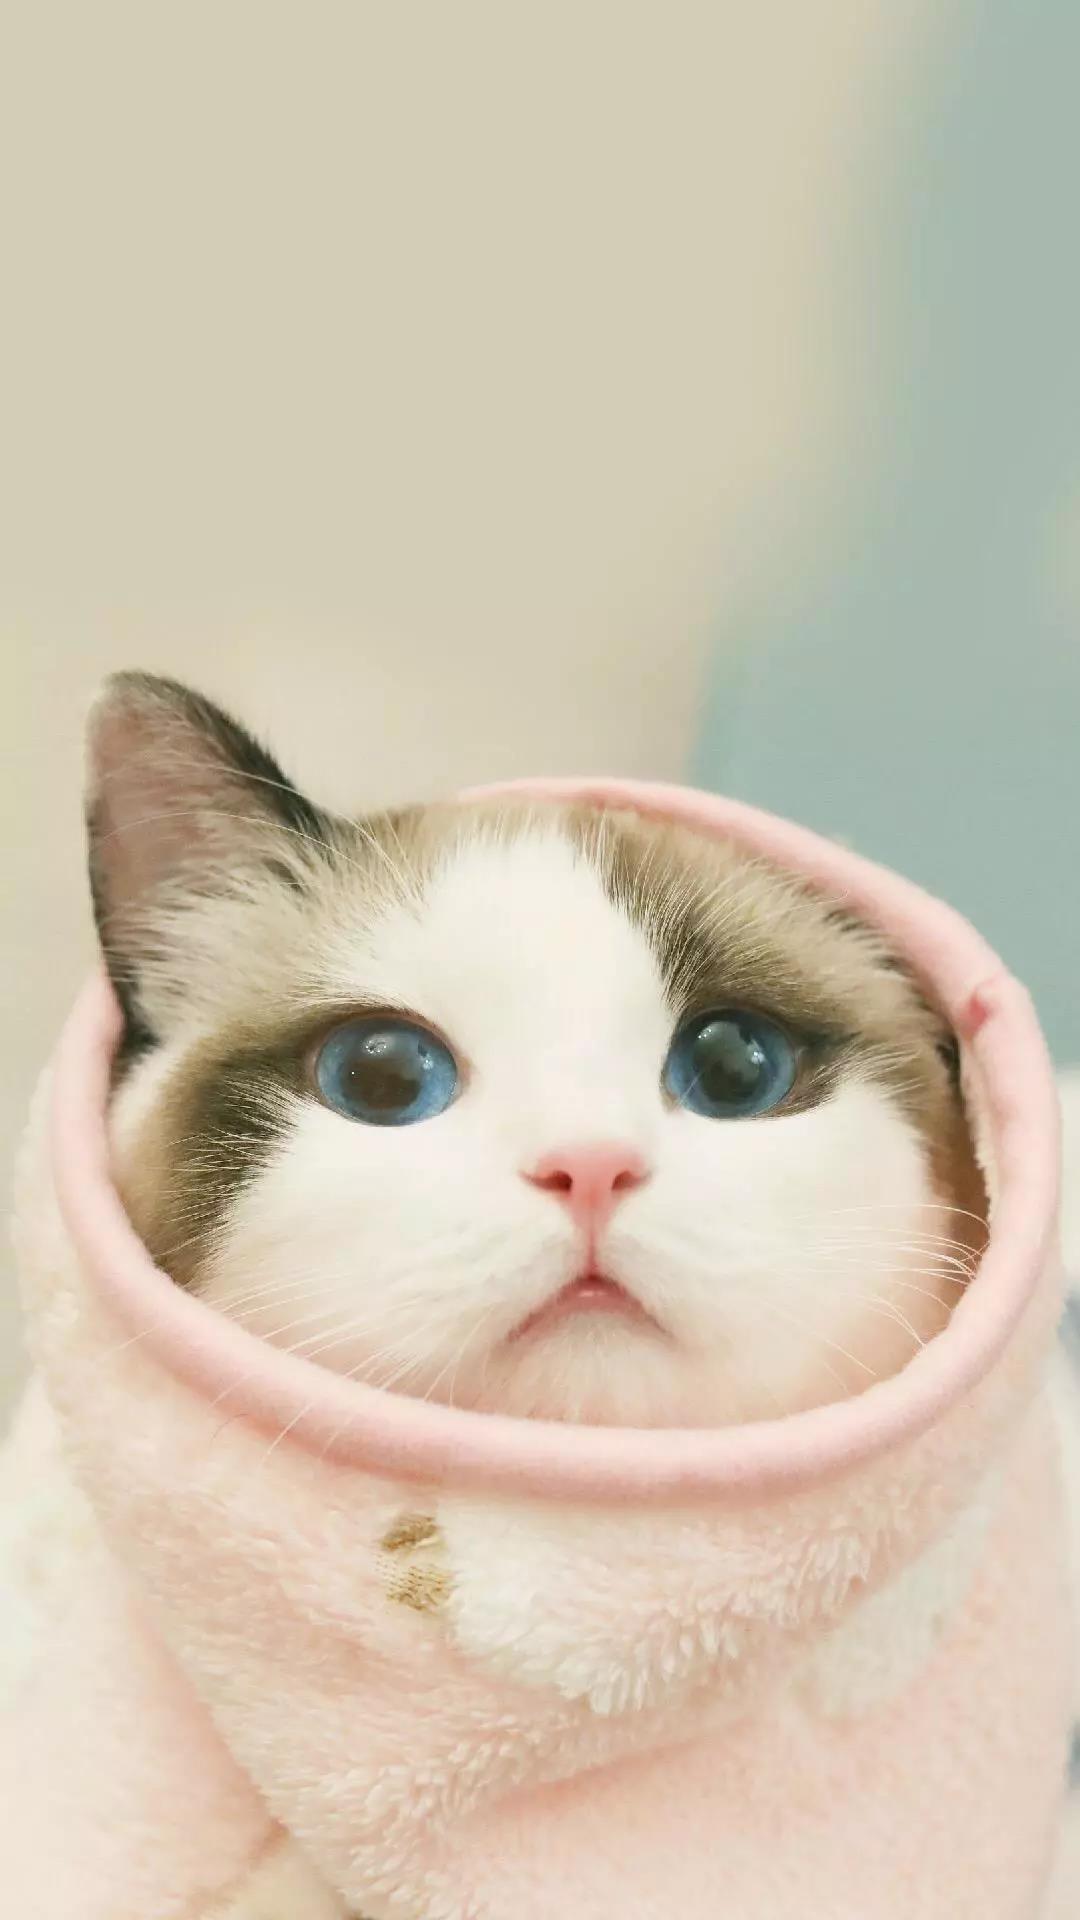 看完心情超好的可爱软萌动物手机壁纸图片